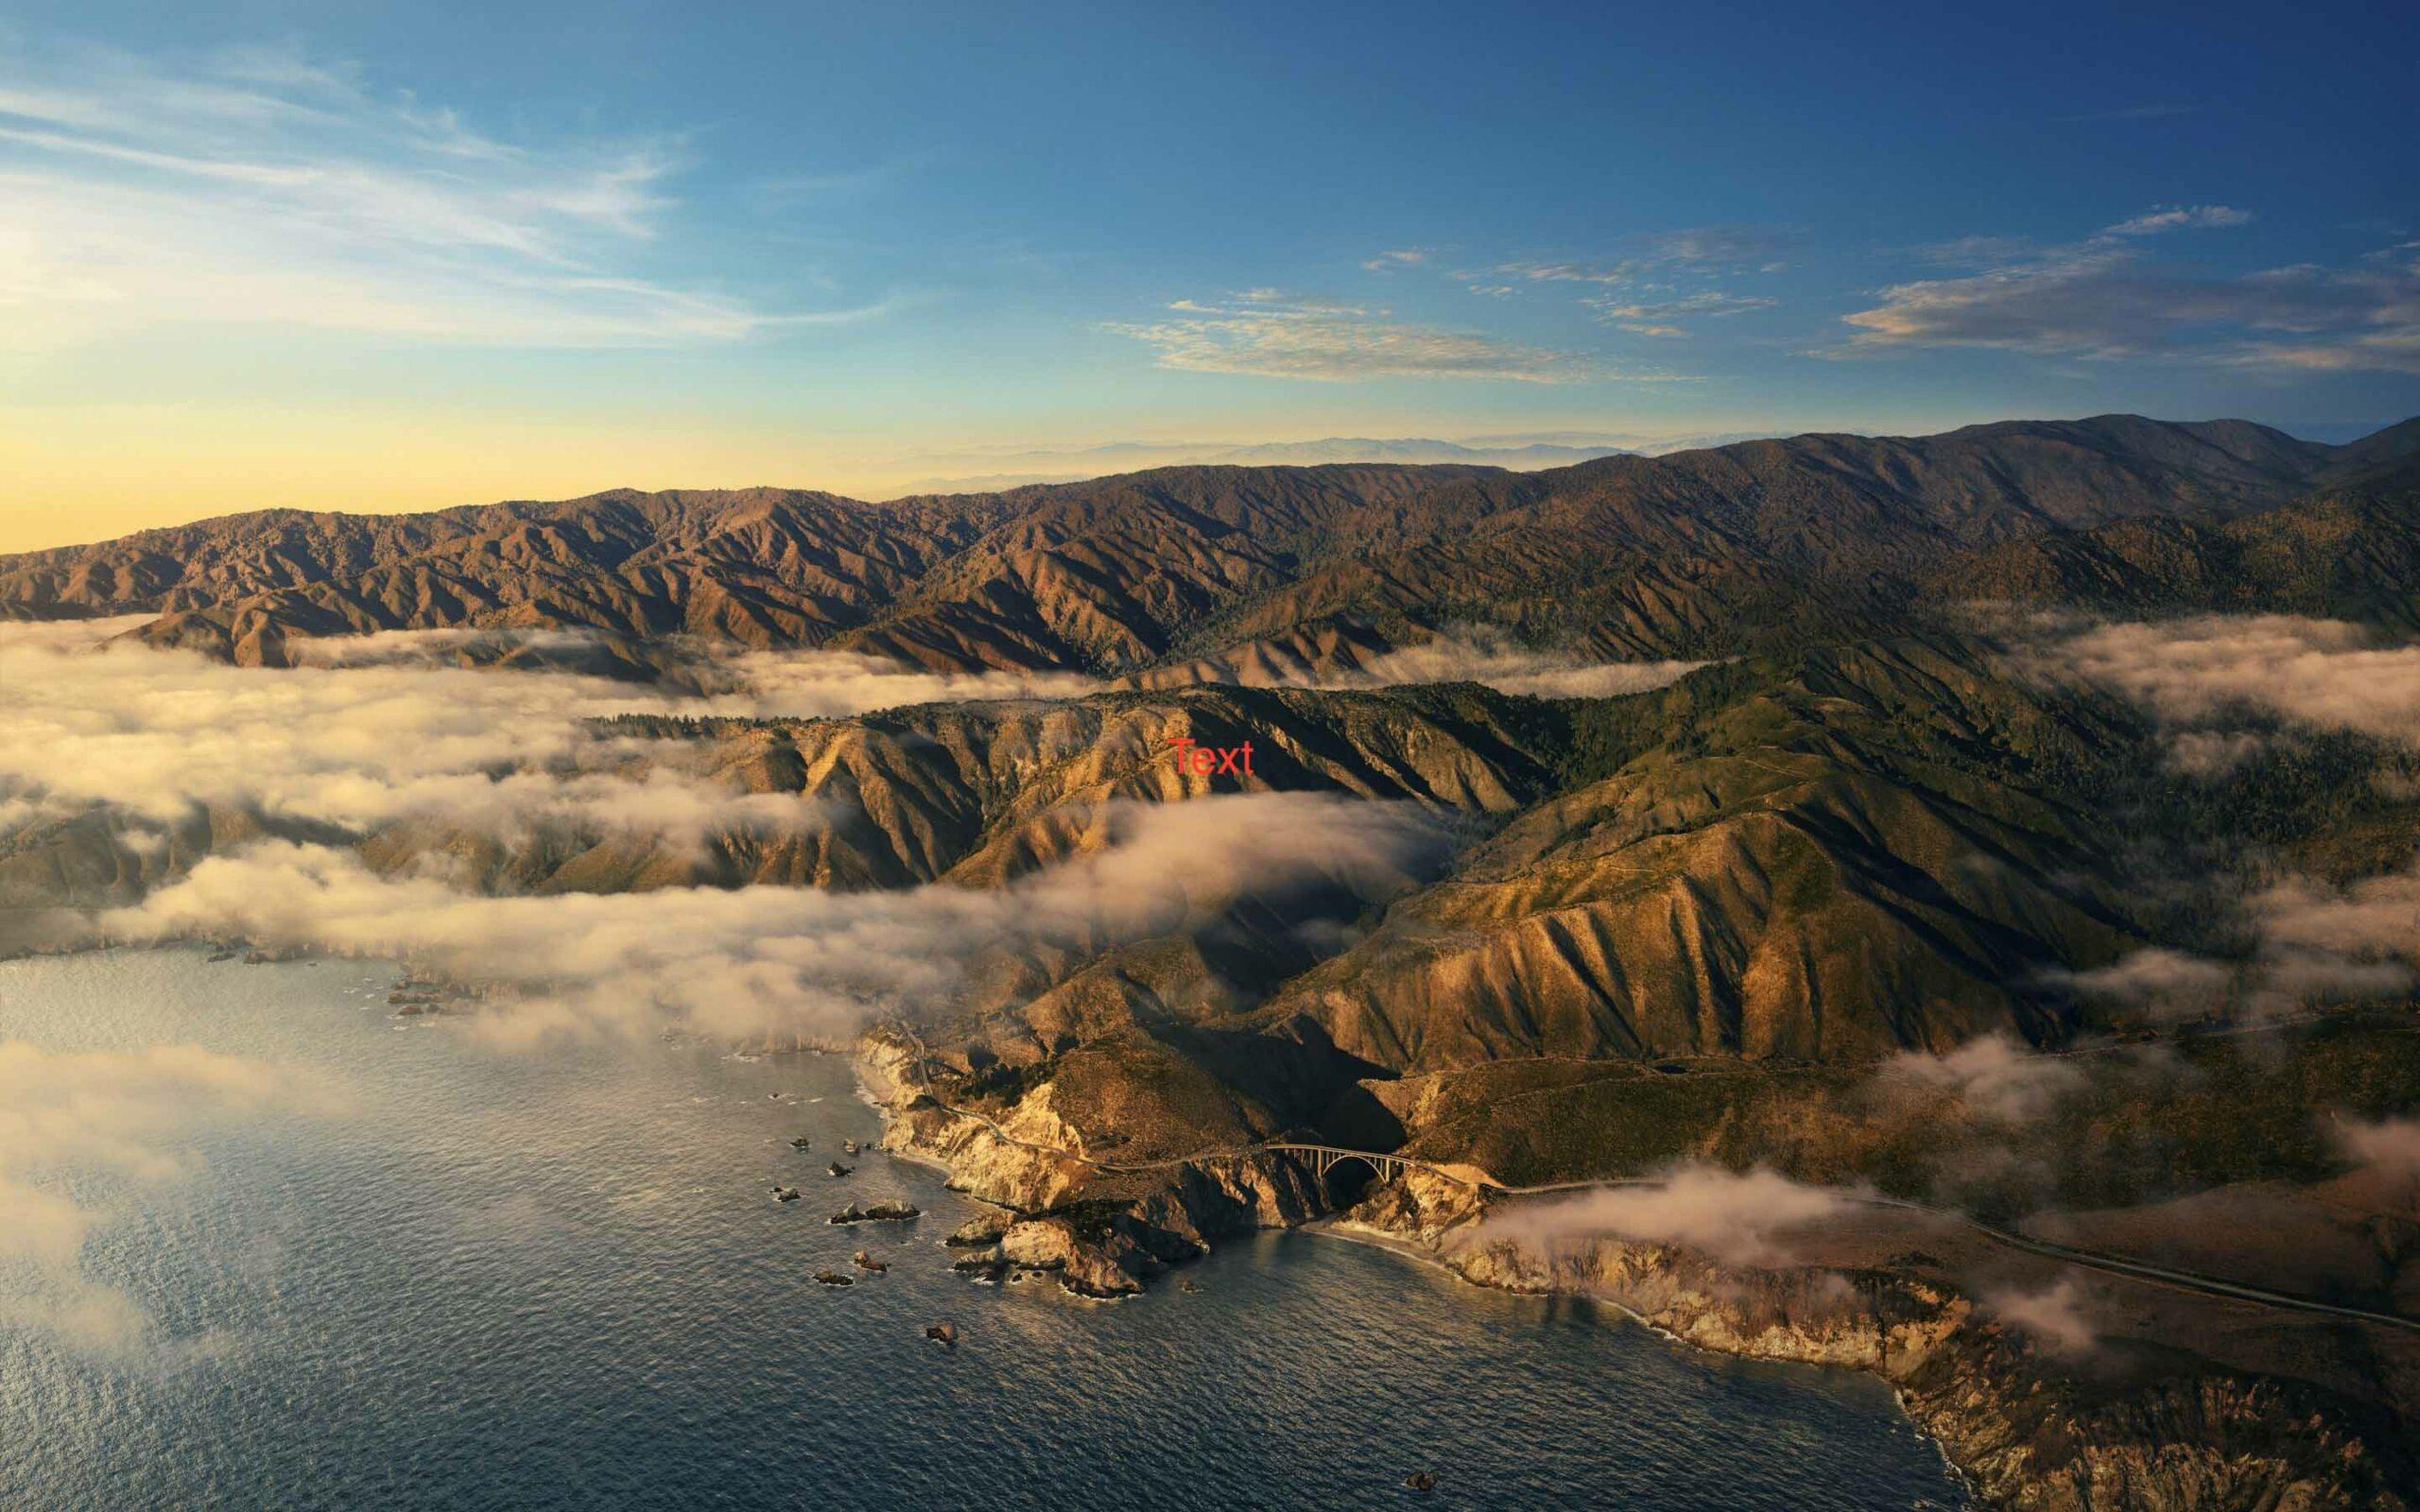 Hình nền Macbook 4k Big Sur - cảnh thiên nhiên núi buổi chiều